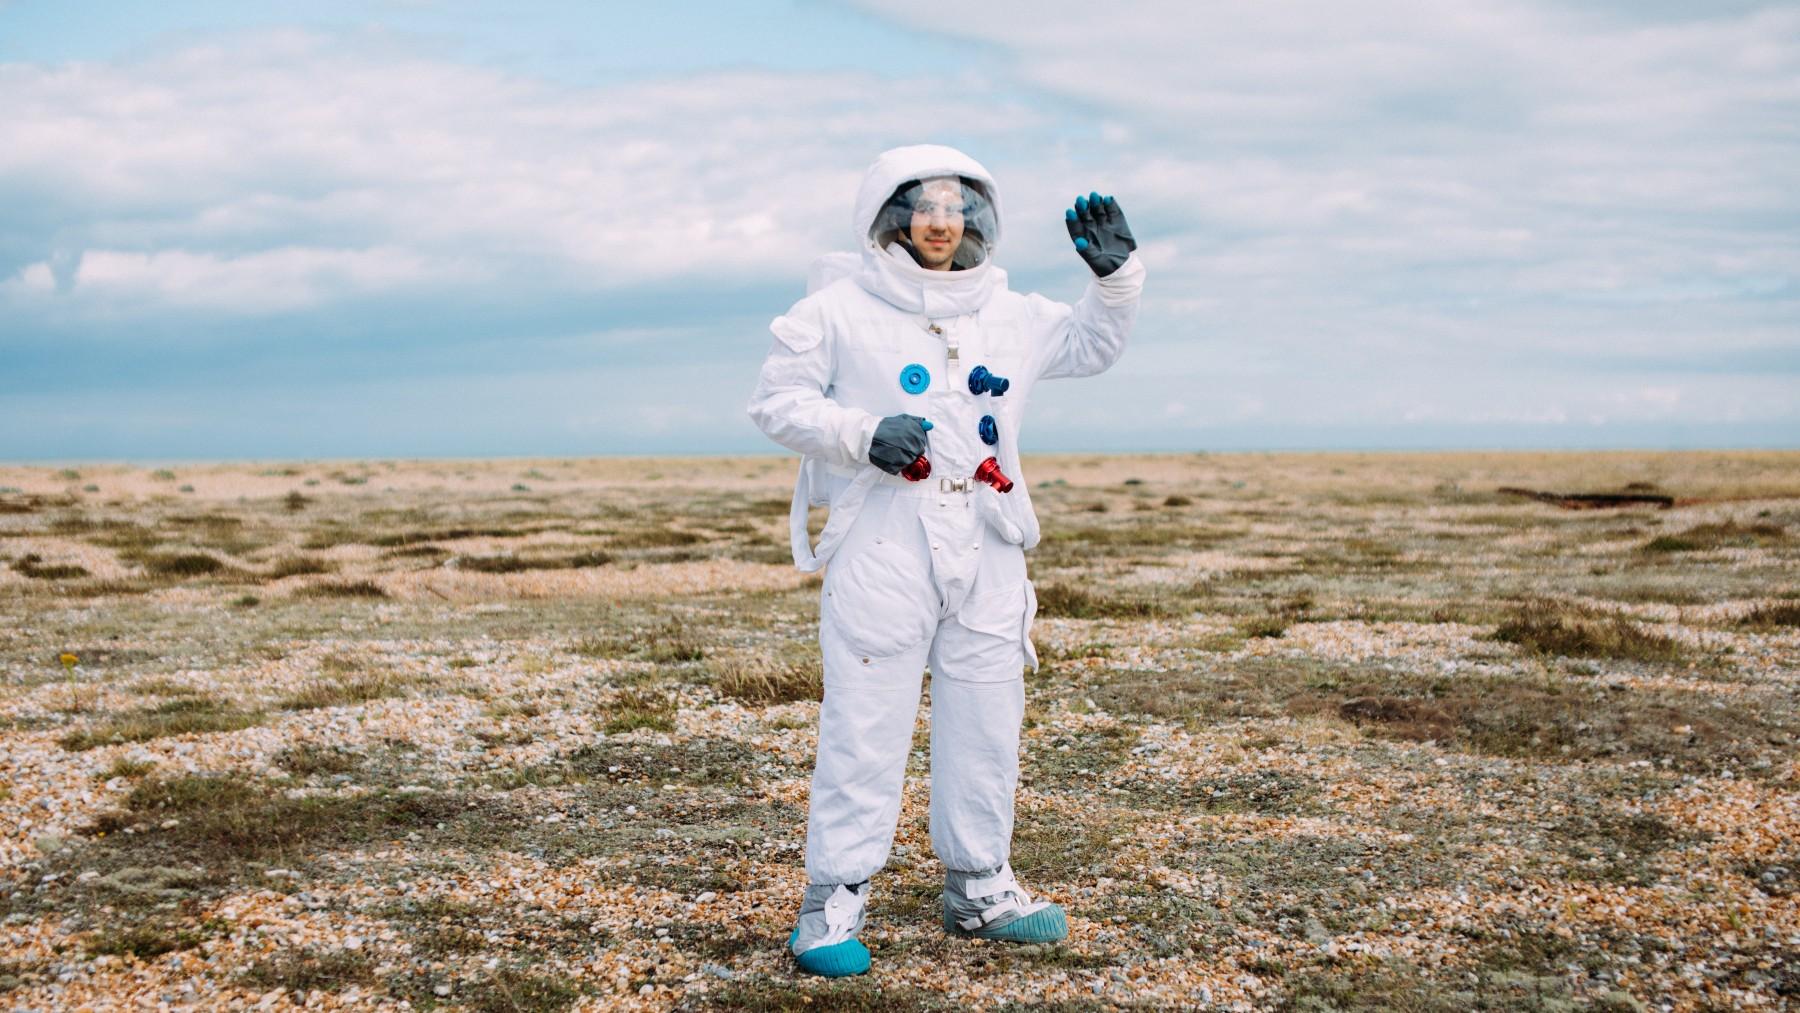 La NASA busca candidatos para Marte